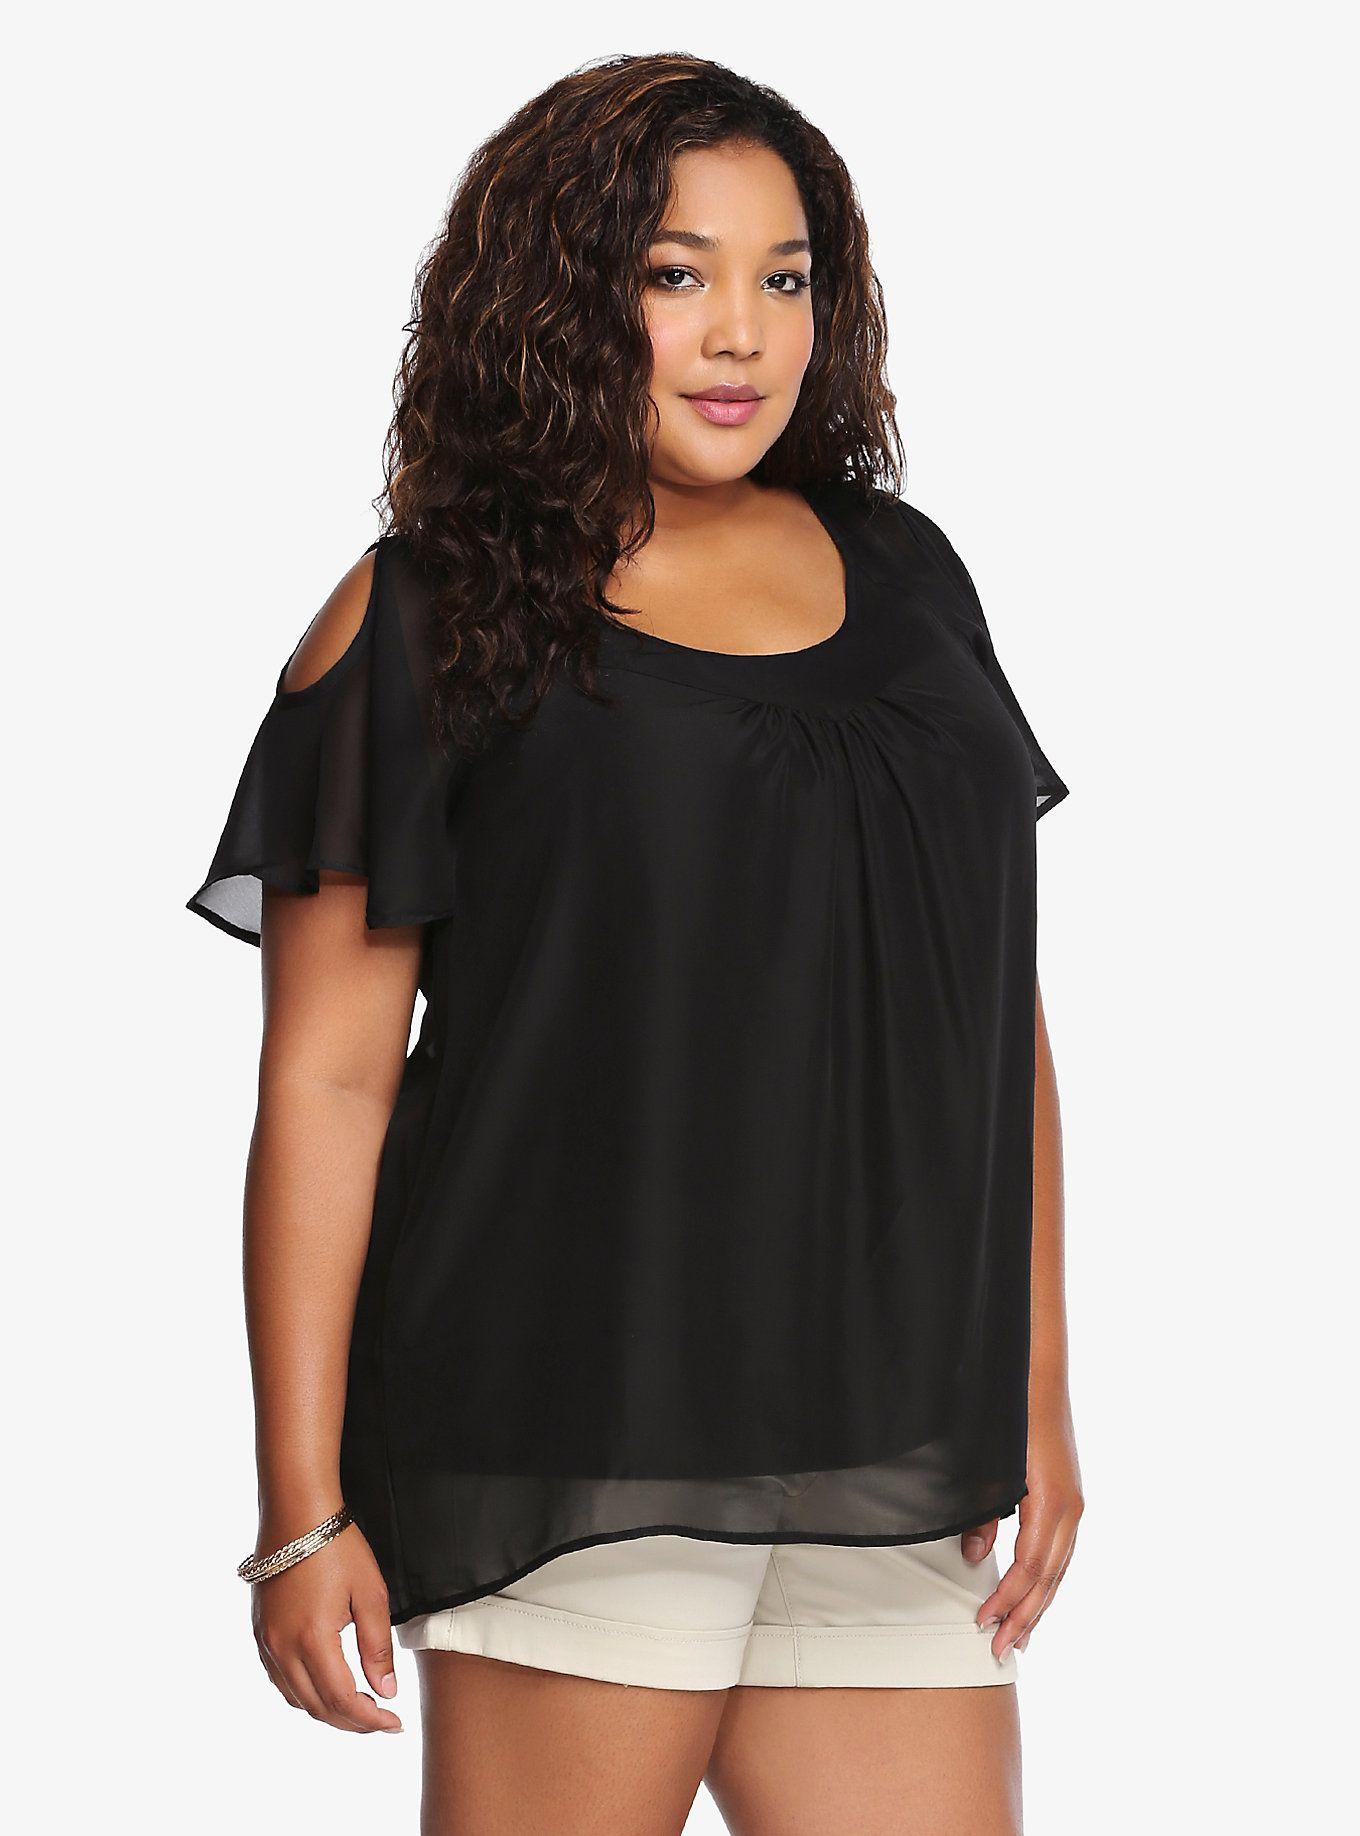 295187411efa1f Cold-Shoulder Flutter Sleeves Top | Torrid Plus Size Fashion For Women,  Trendy Plus